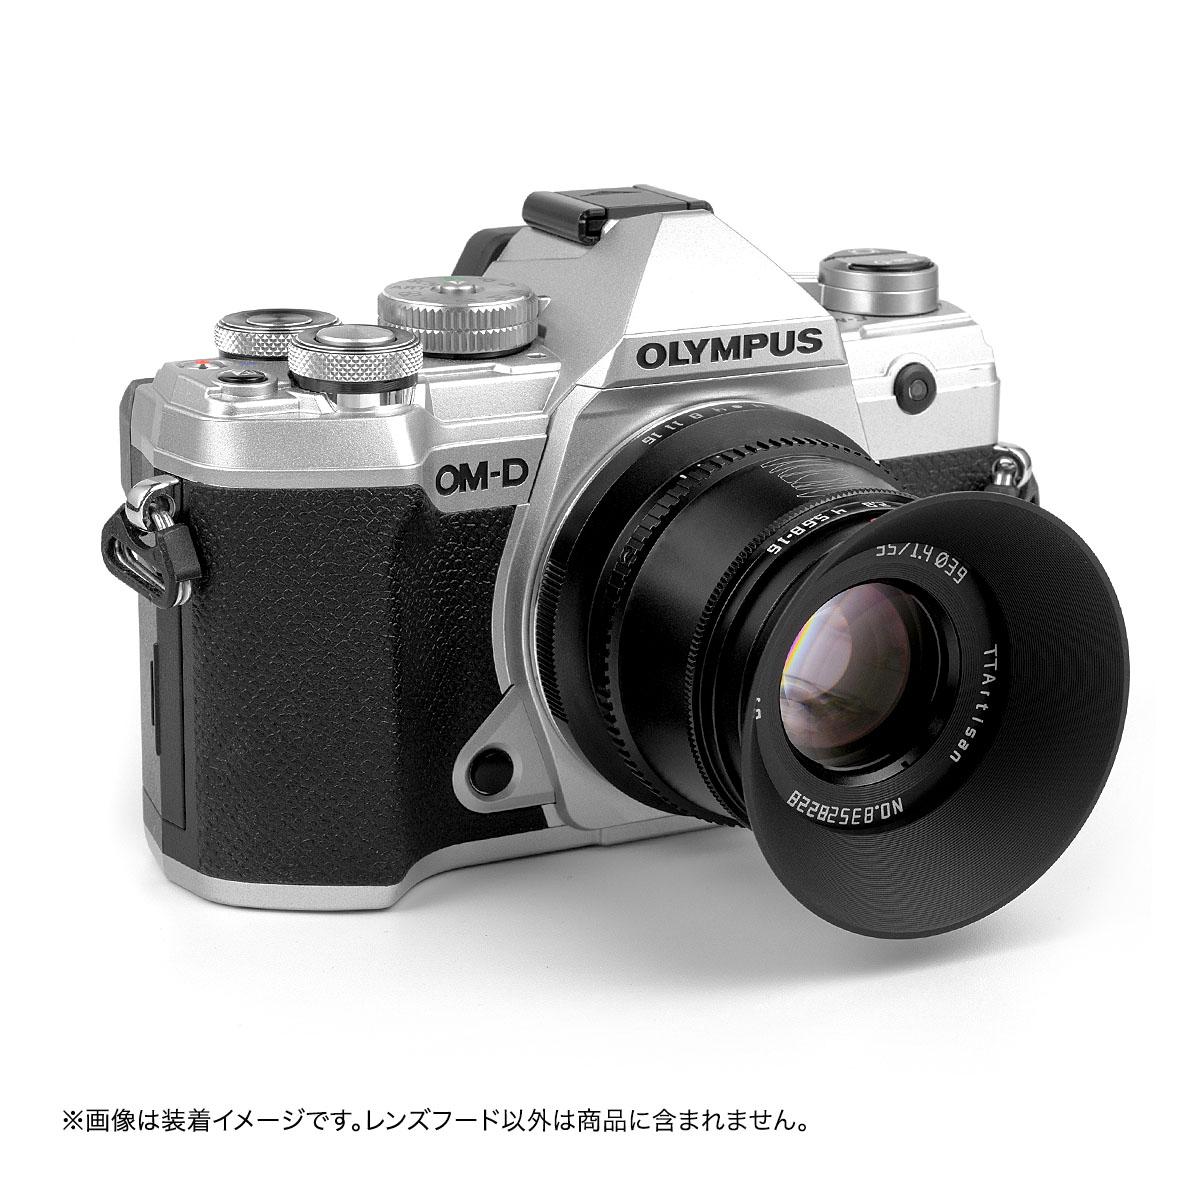 銘匠光学 TTArtisan メタルレンズフード ネジ込み式 39mm T39LH B(TTArtisan 35mm f/1.4 C 用)